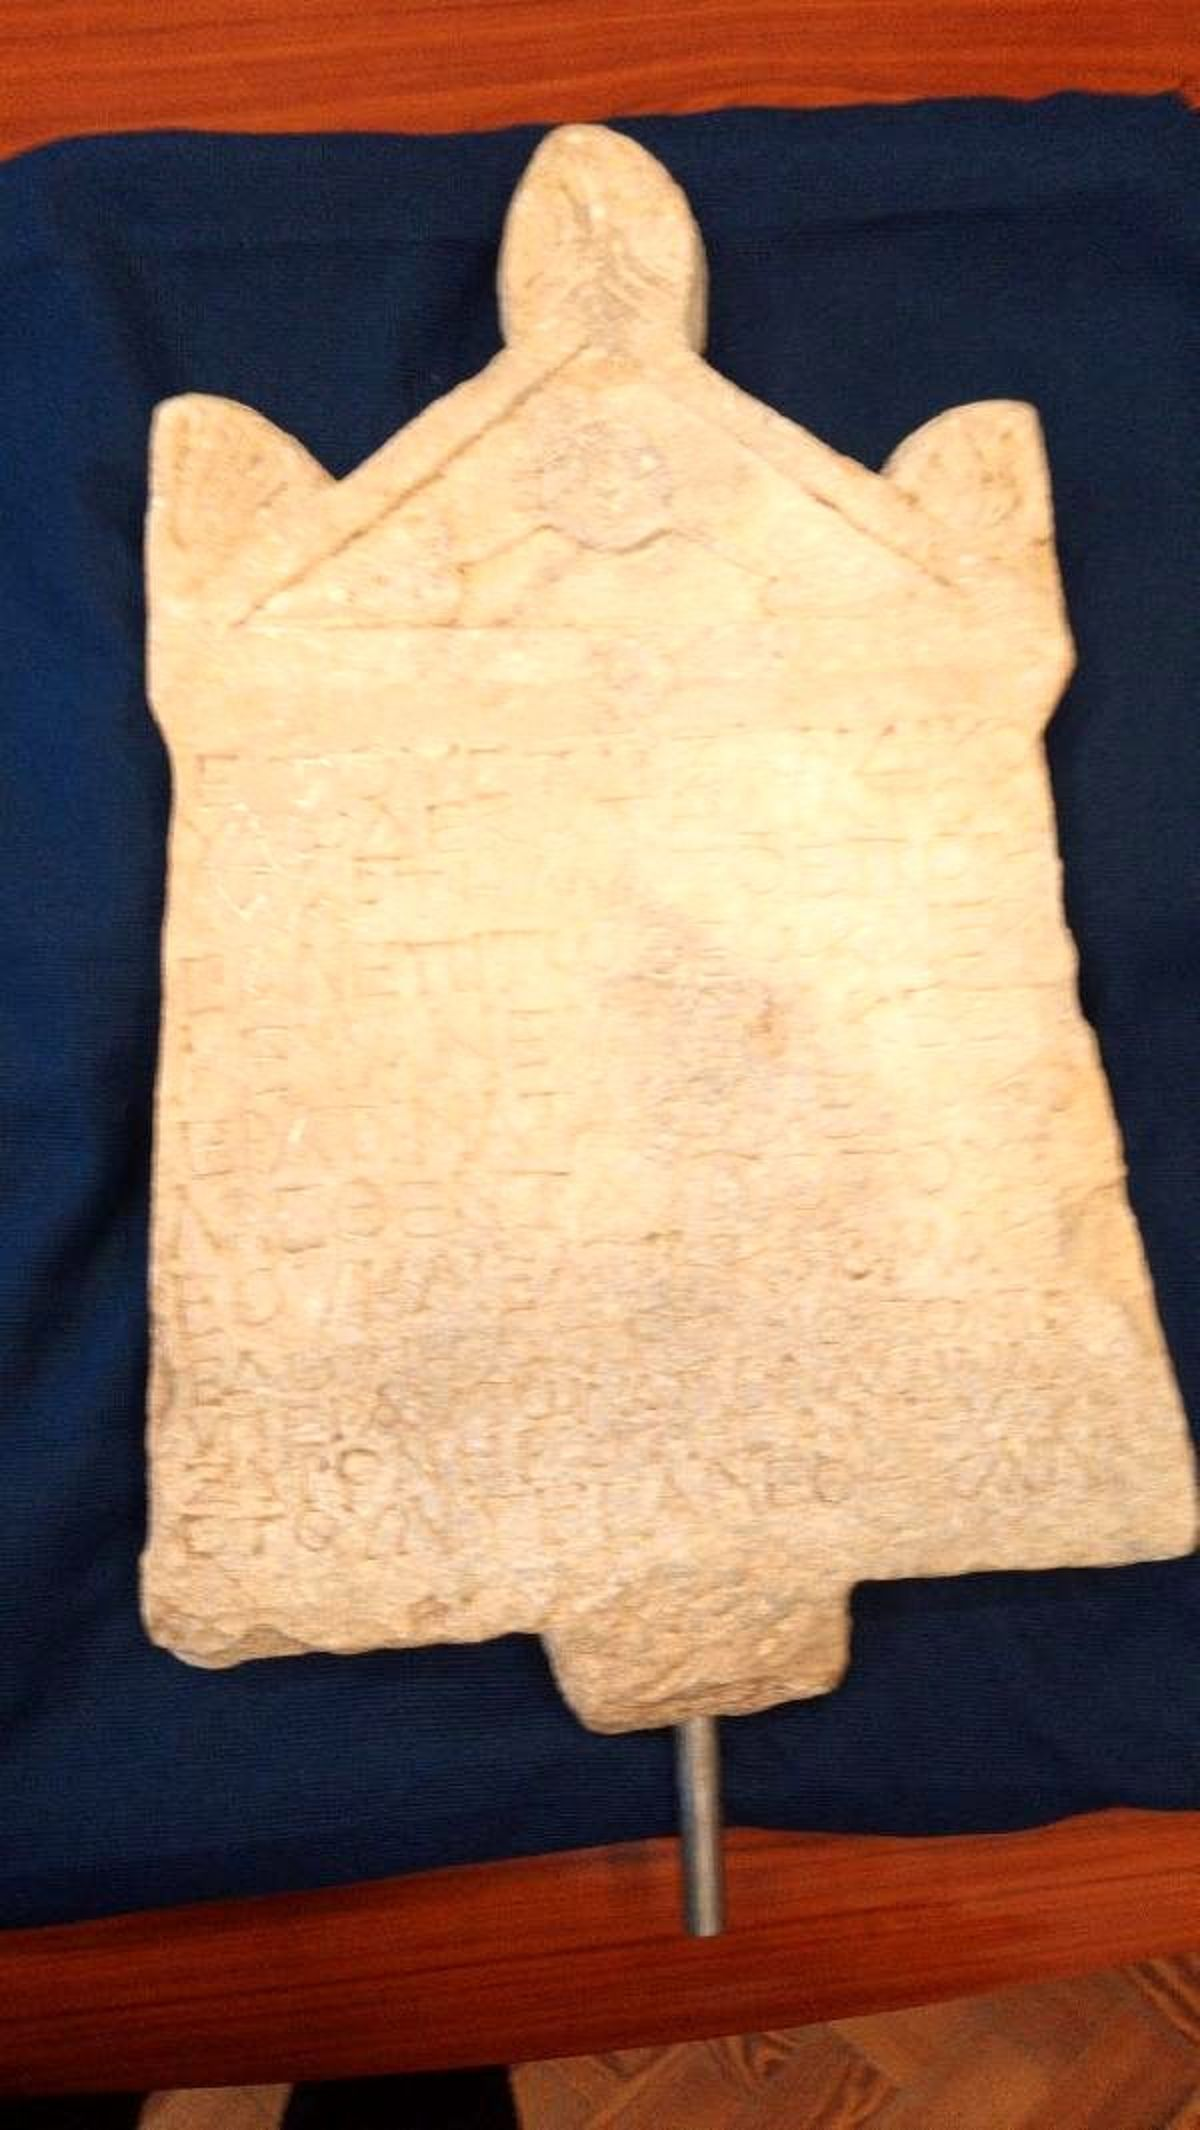 Lidya dönemine ait yazıt 23 yıl sonra yeniden Türkiye'de(Ek fotoğraflarla geniş haber)